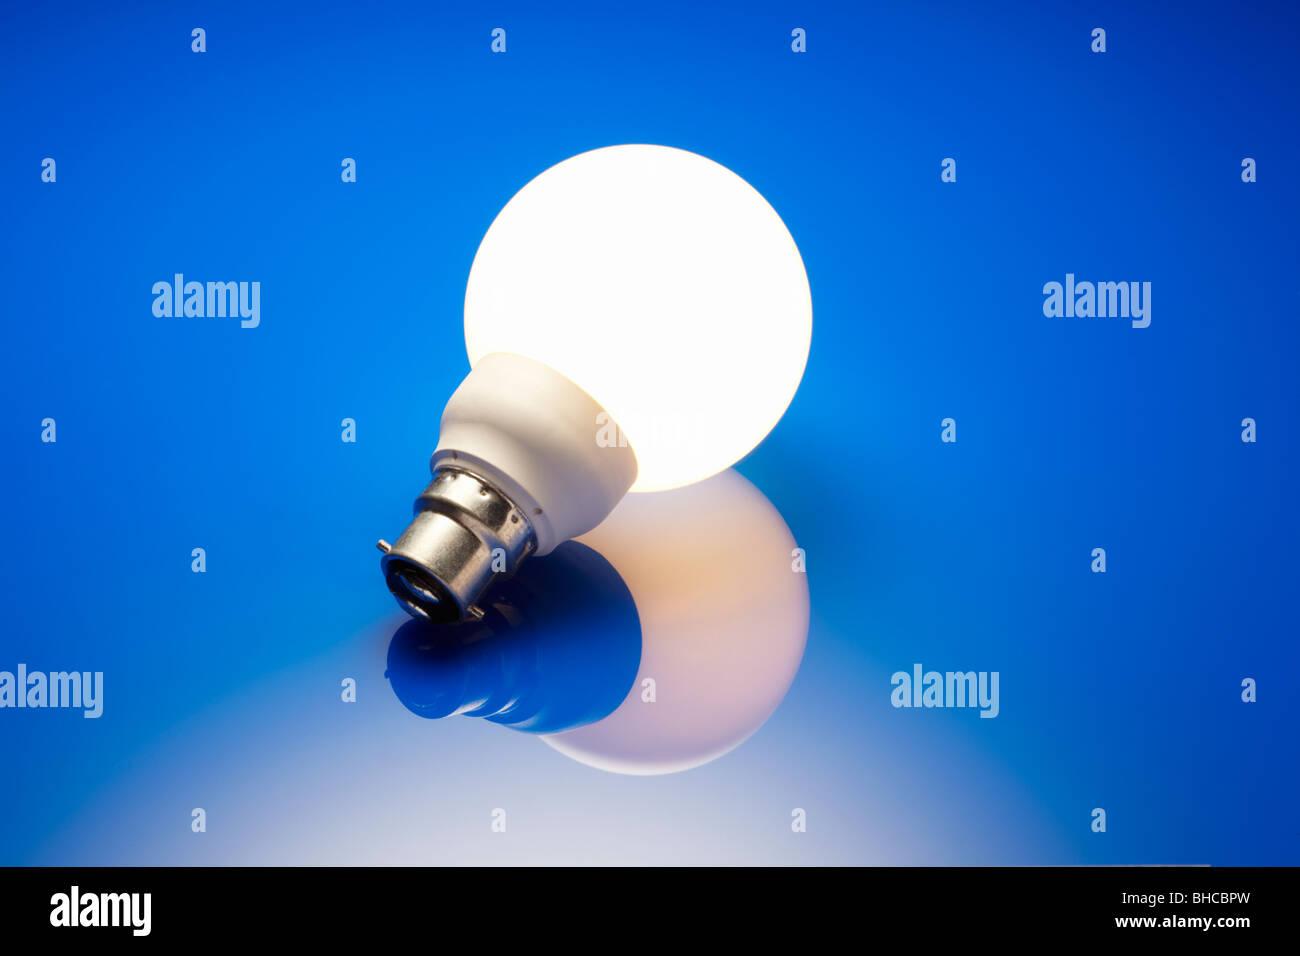 Energy Saving Bulb Illuminated - Stock Image